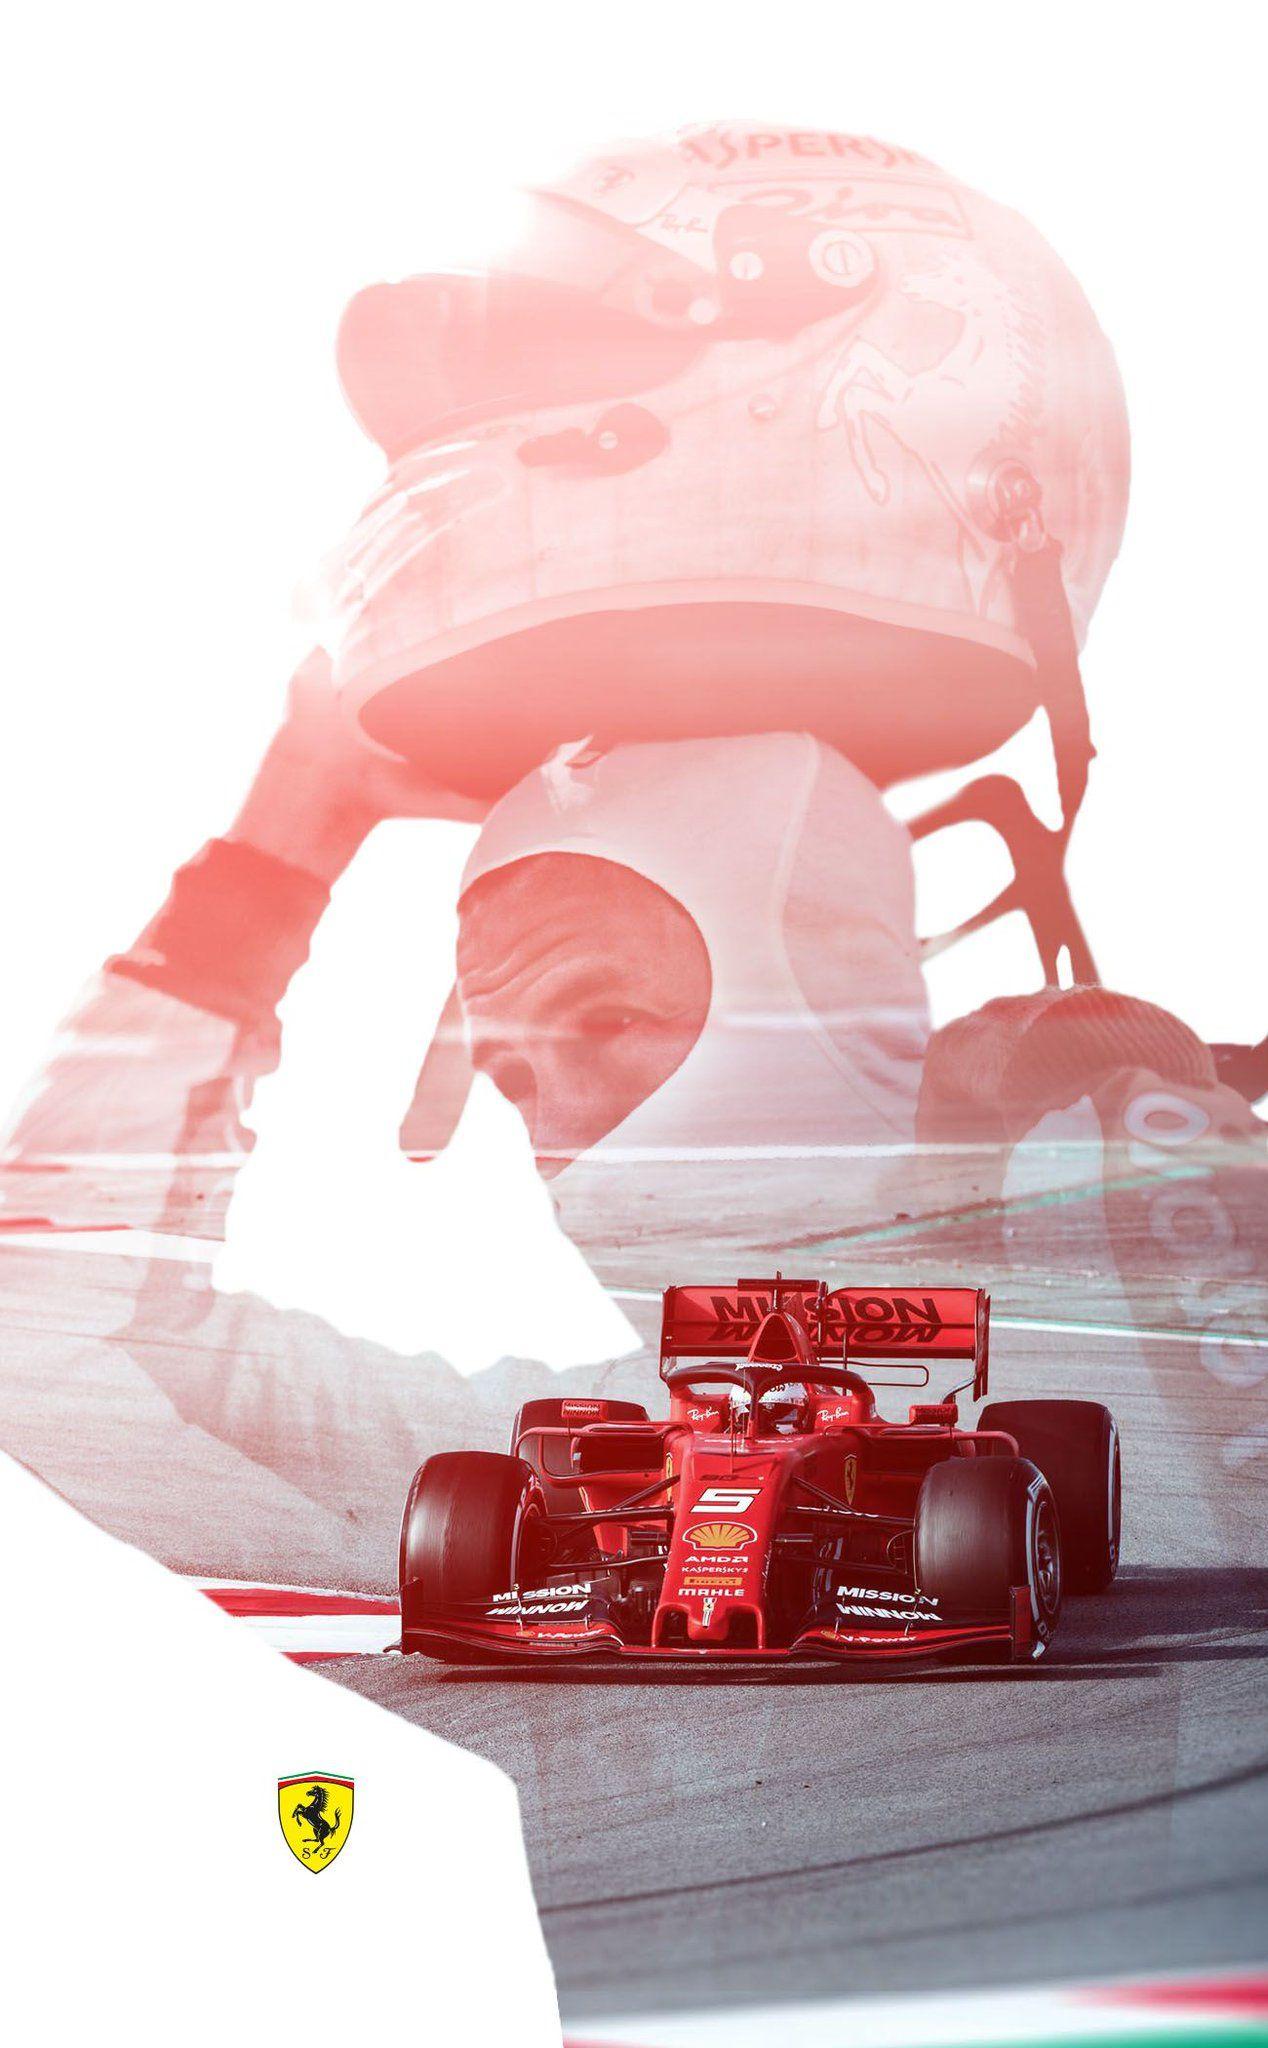 Scuderia Ferrari On With Images Ferrari Formula Racing